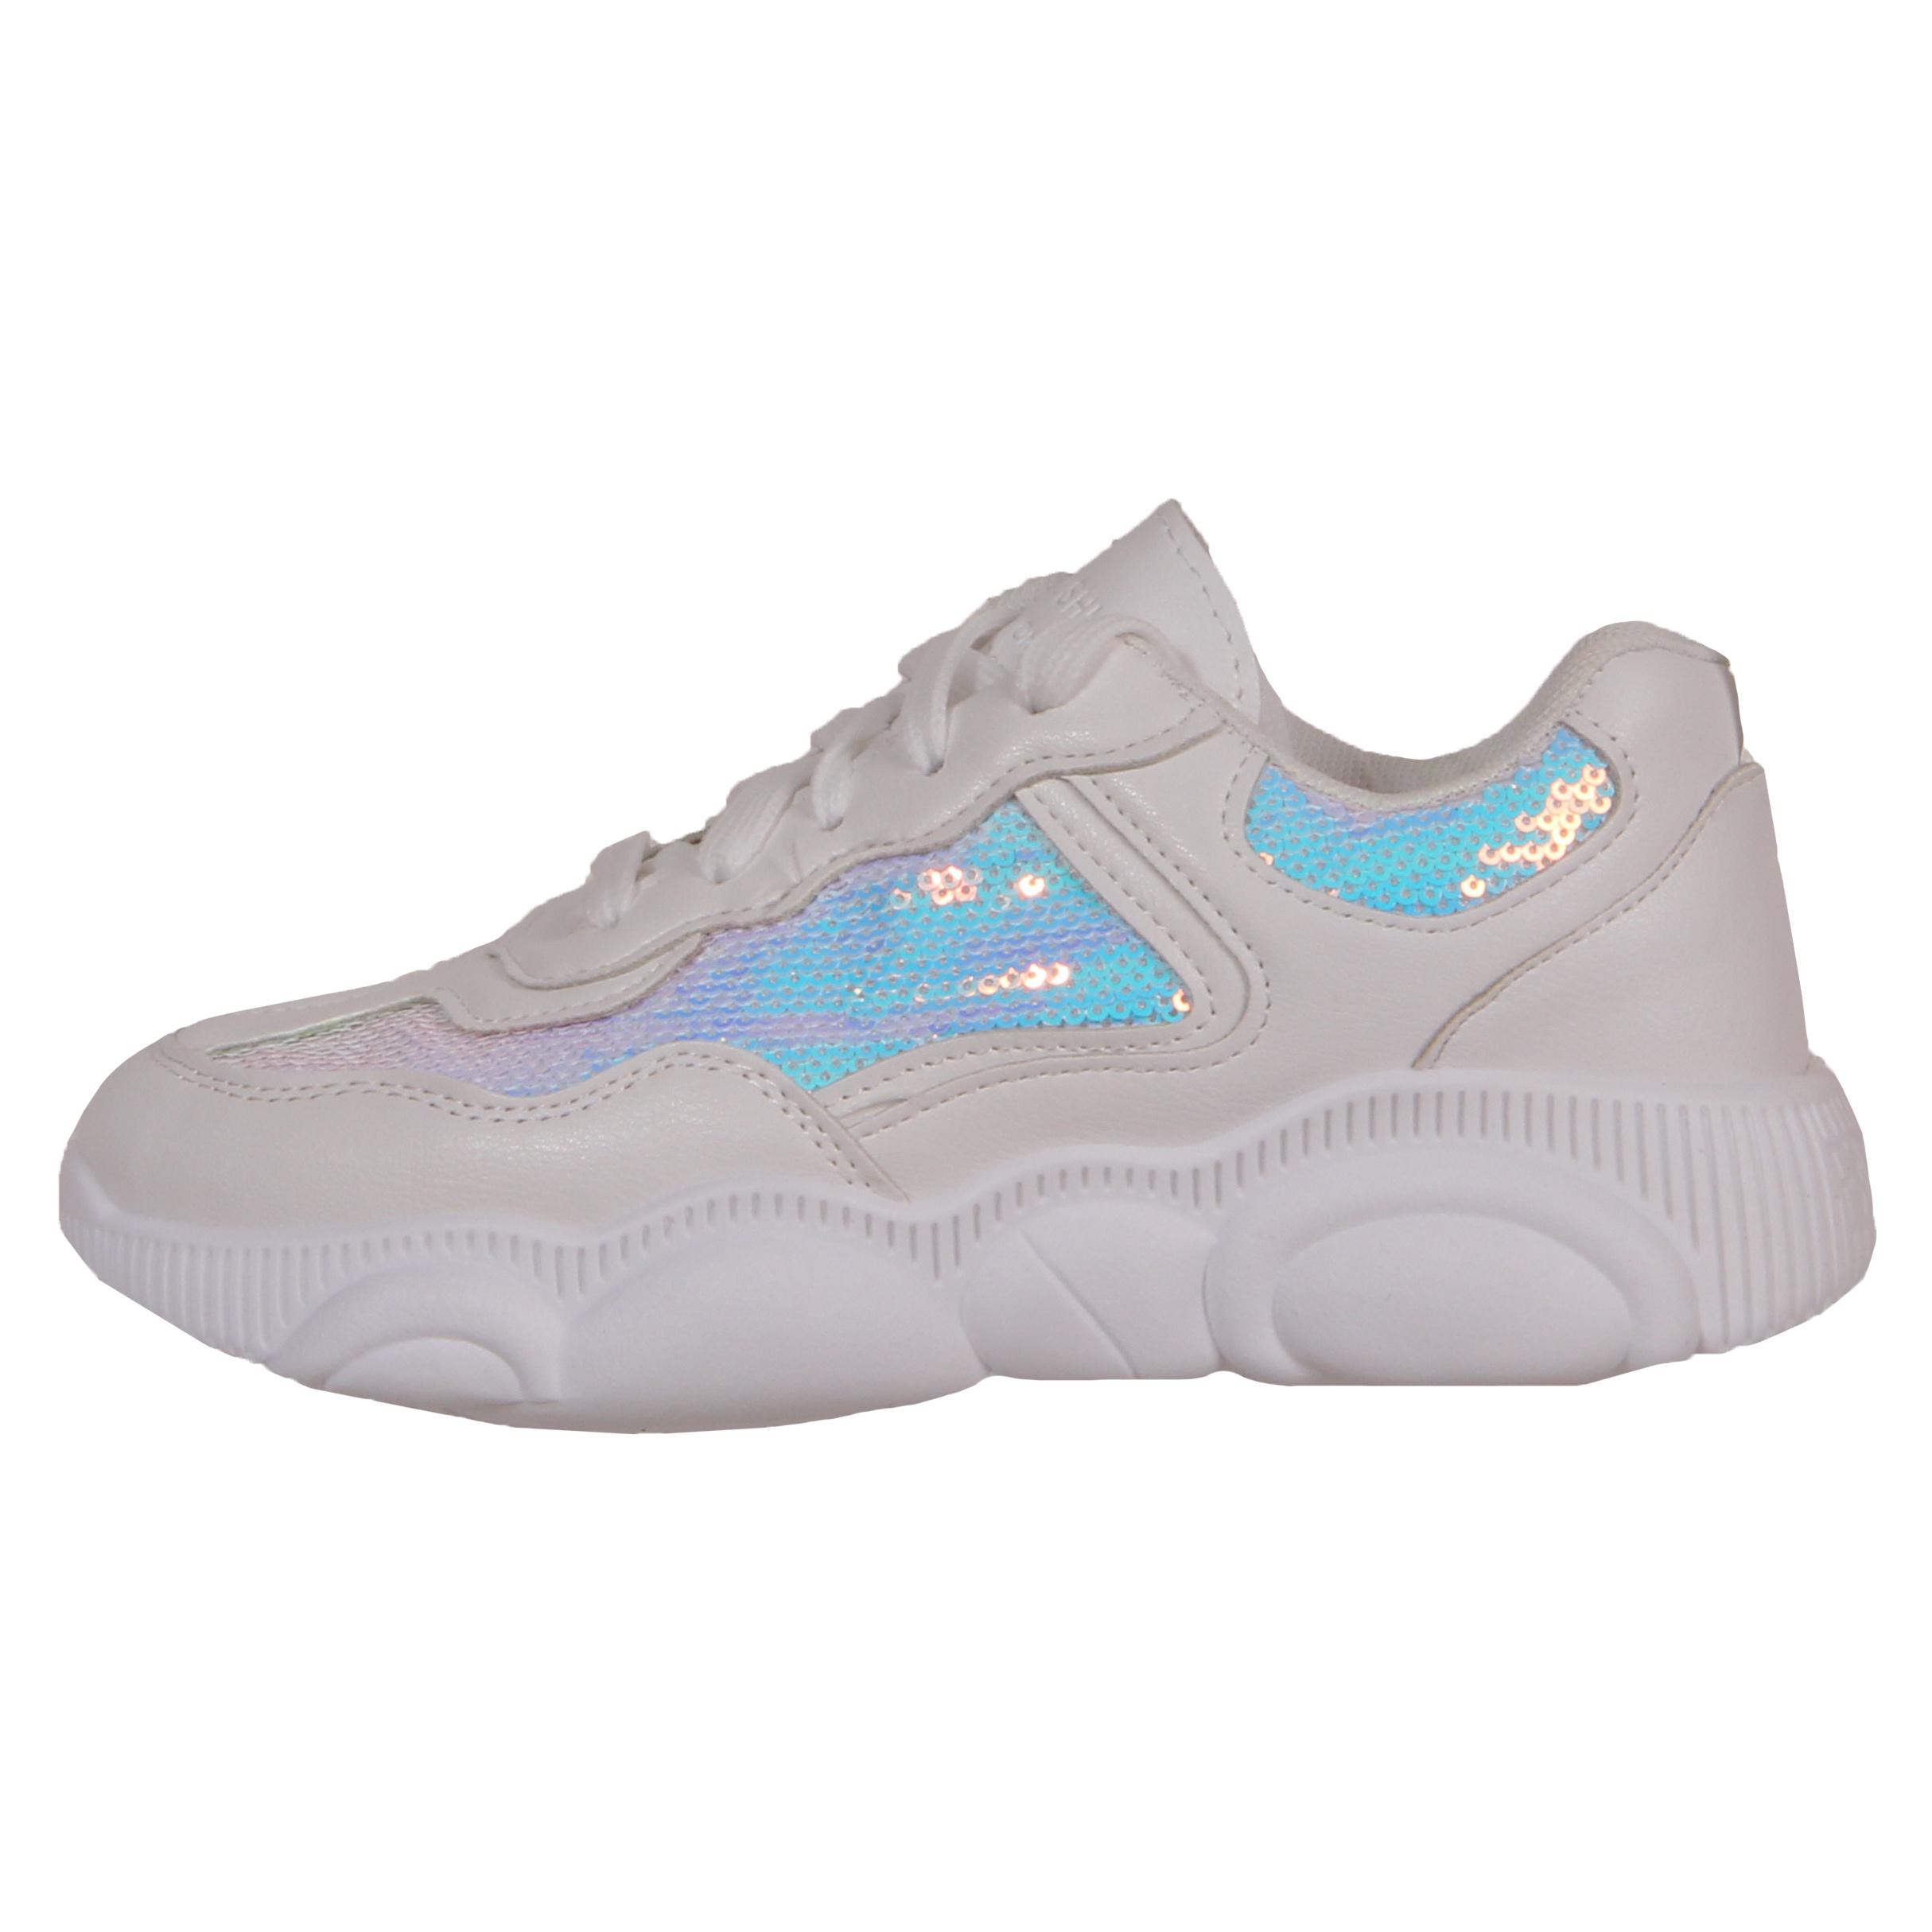 کفش مخصوص پیاده روی زنانه کد D2660-18